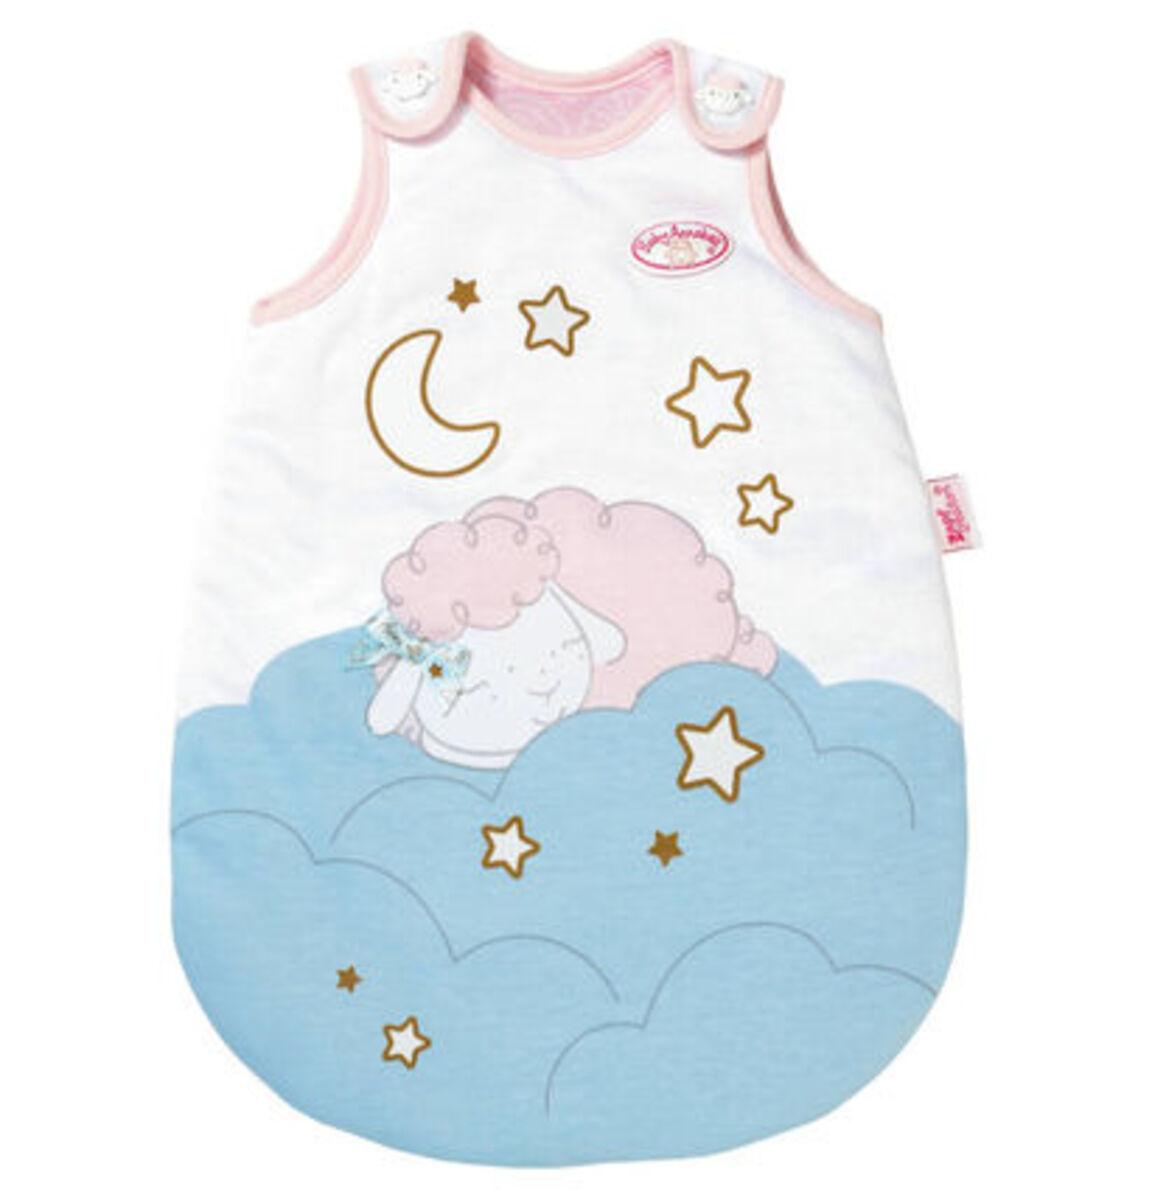 Bild 1 von Zapf Creation® Schlafsack Sweet Dreams, mehrfarbig